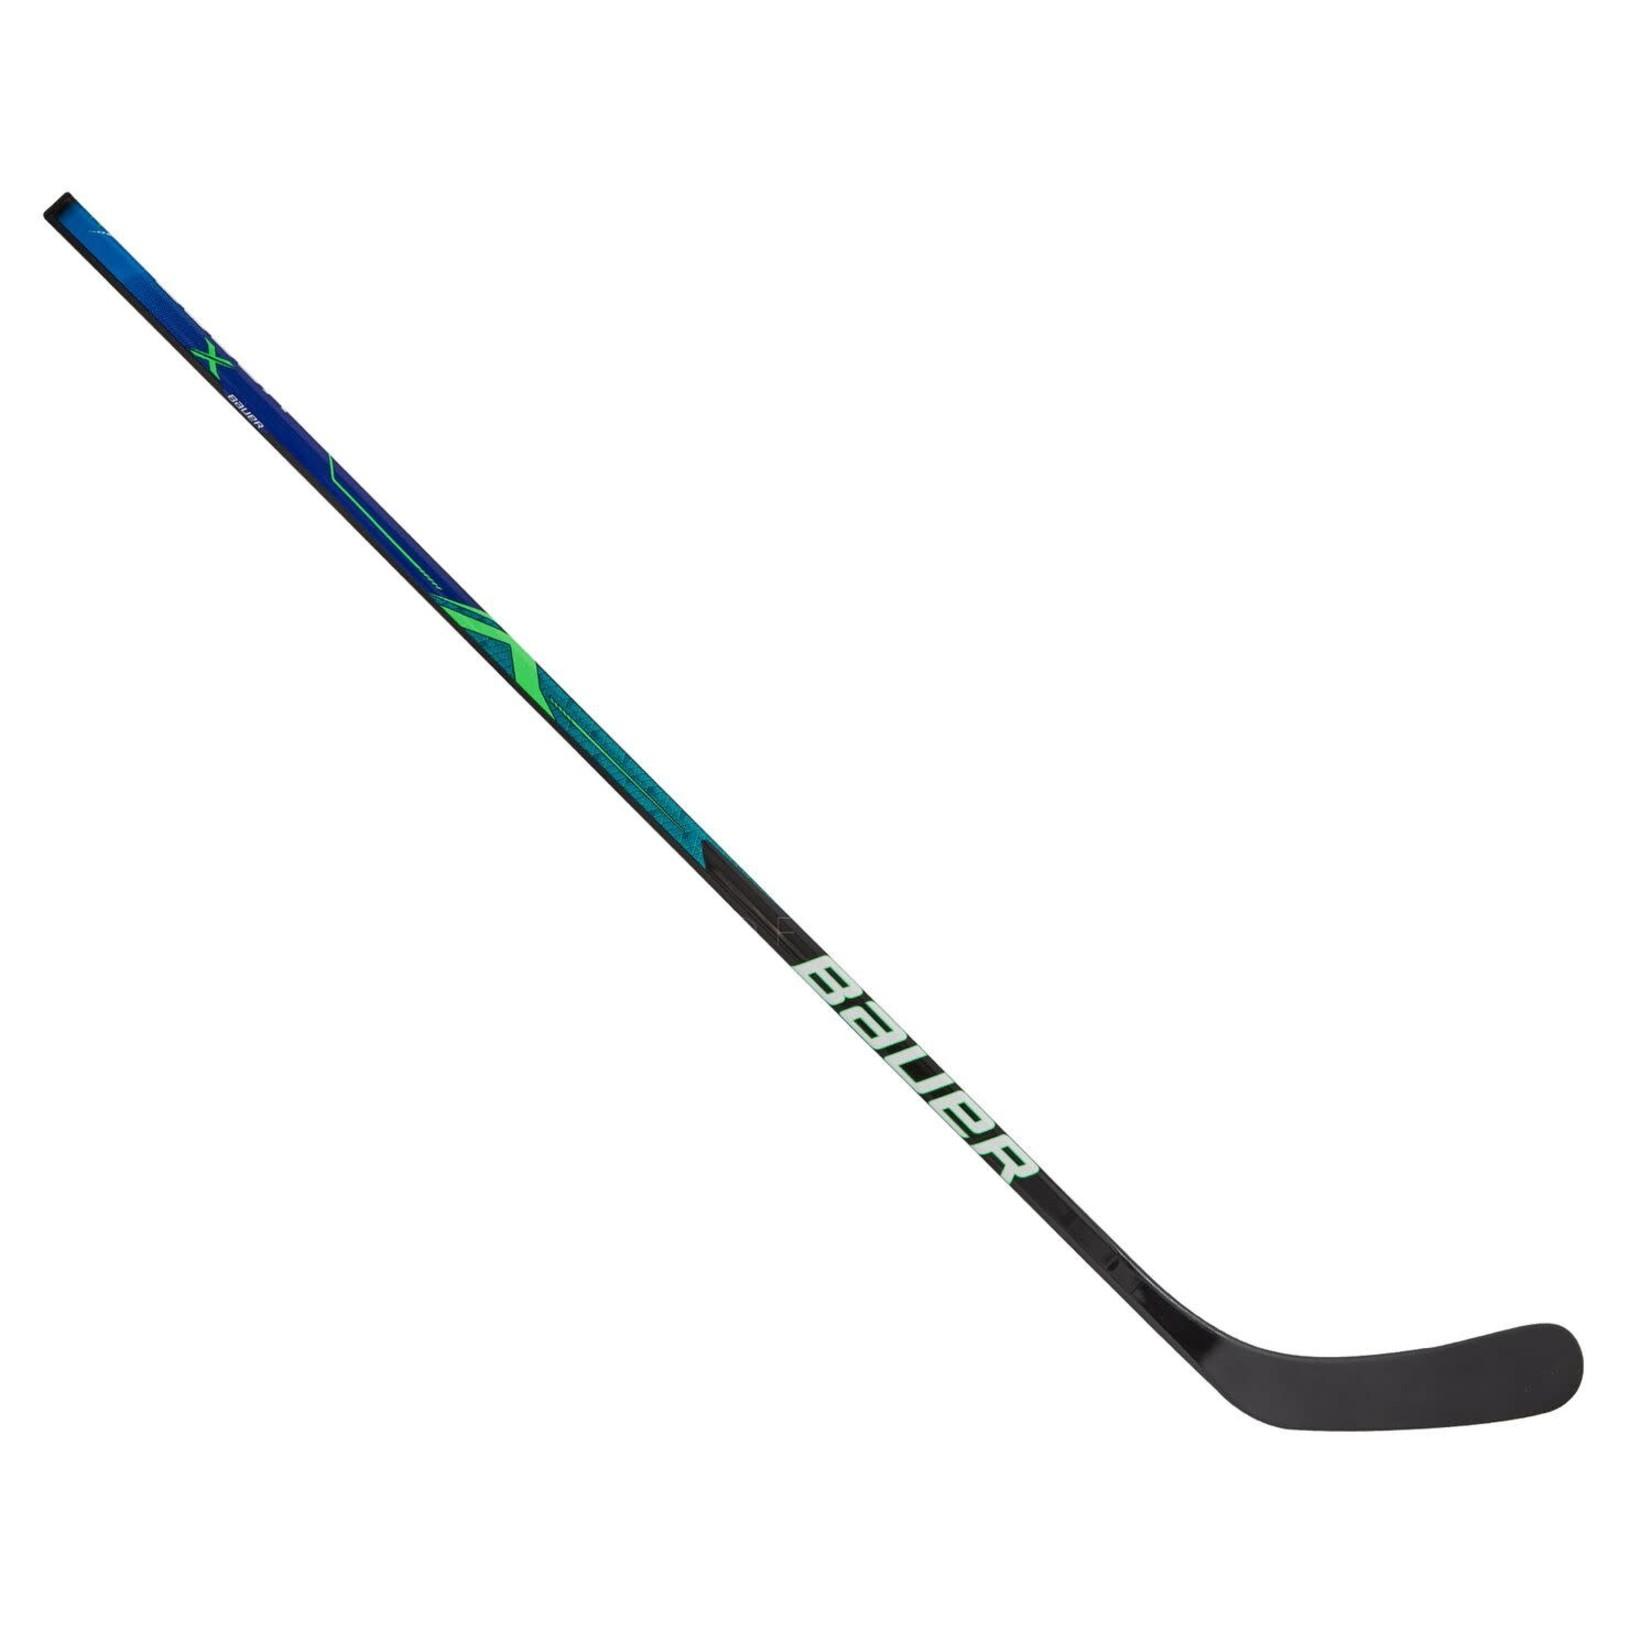 Bauer Bauer Hockey Stick, X, Grip, Junior